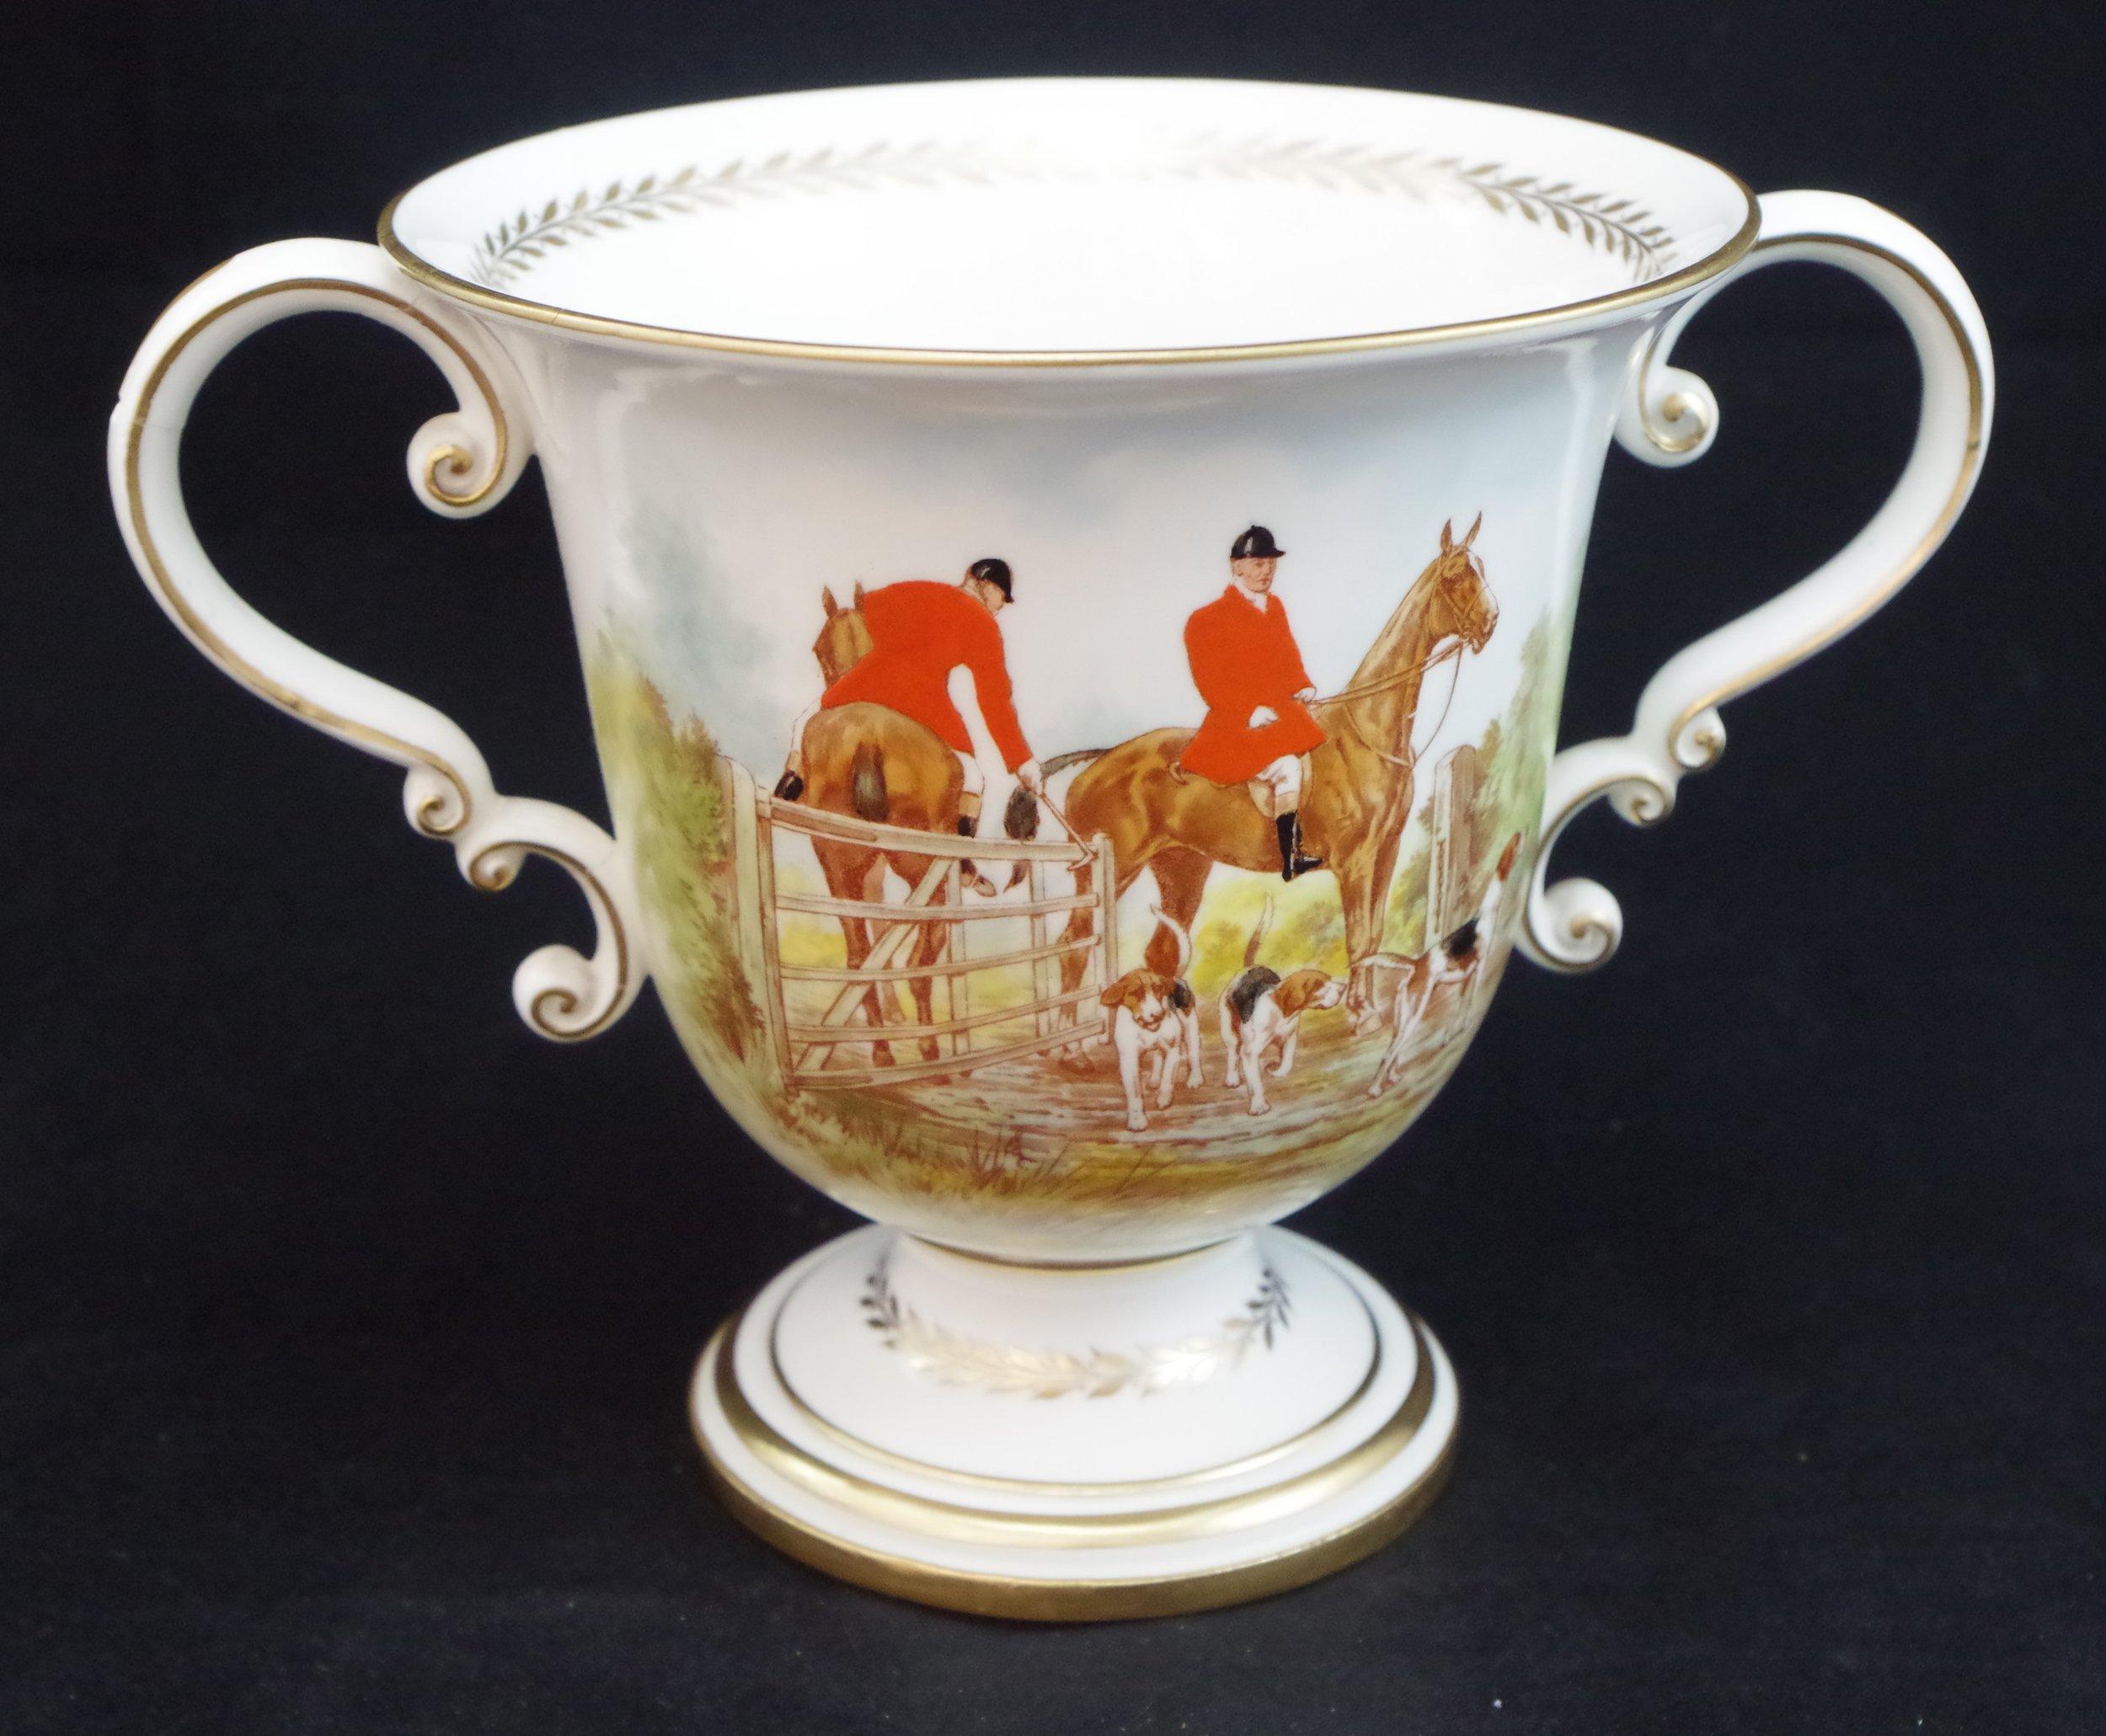 royal-crown-derby-large-trophy-vase-hunting-scene